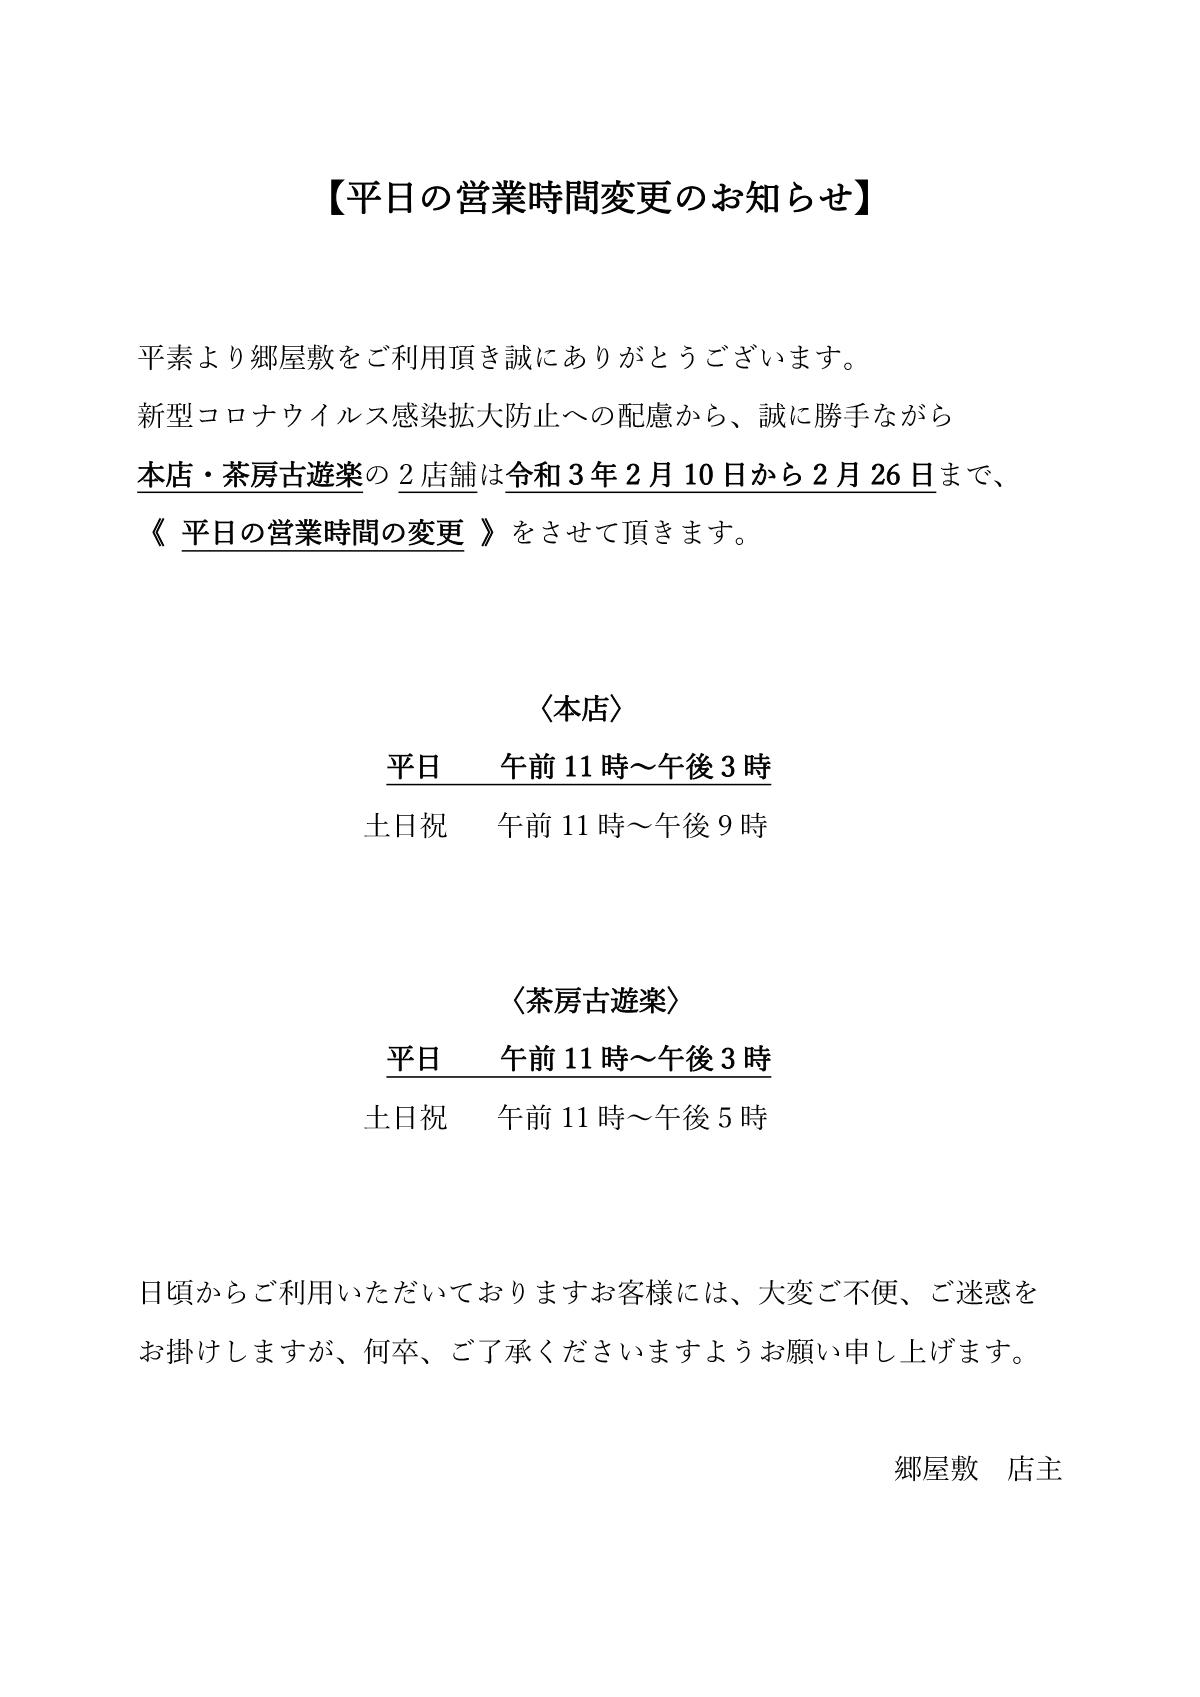 平日の営業時間変更のお知らせ